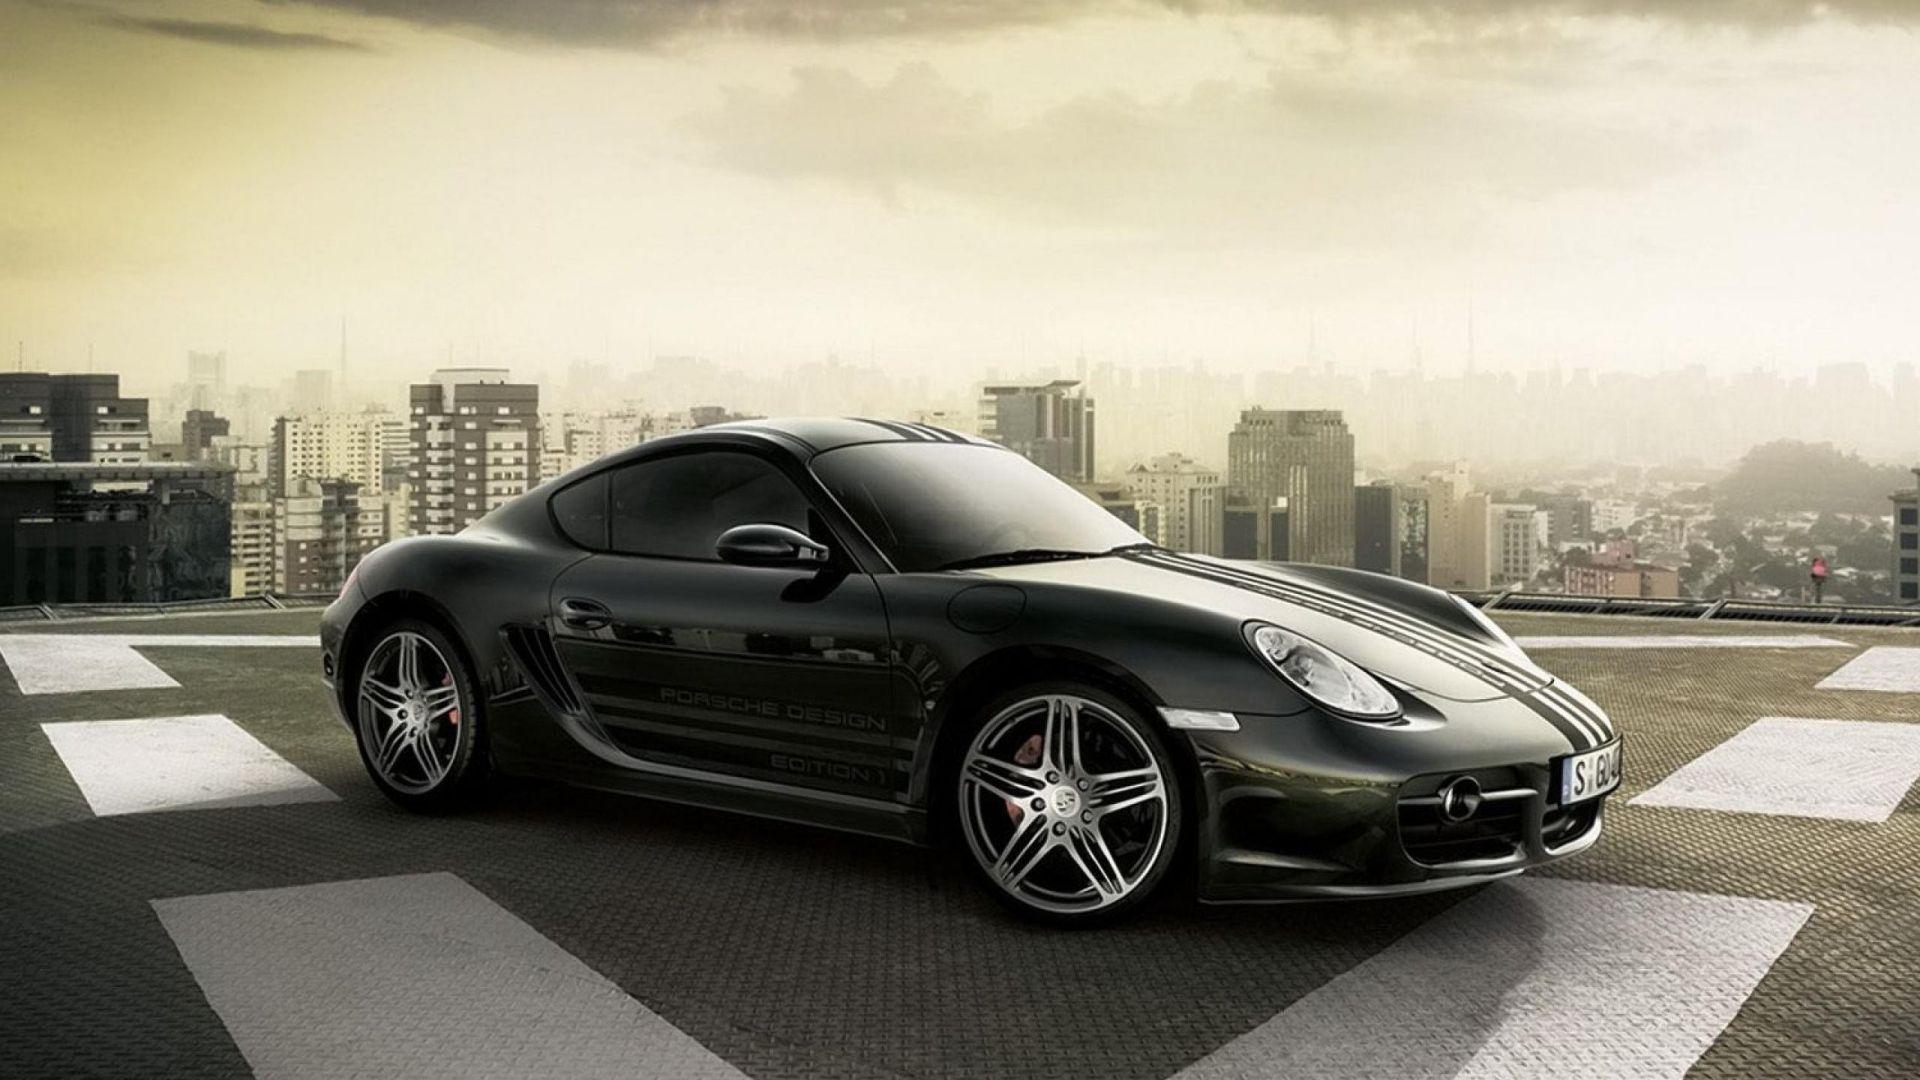 Download Wallpaper 1920x1080 Porsche Carrera Gt Auto Full Hd 1080p Hd Background Porsche Cayman S Cayman S Porsche Cars